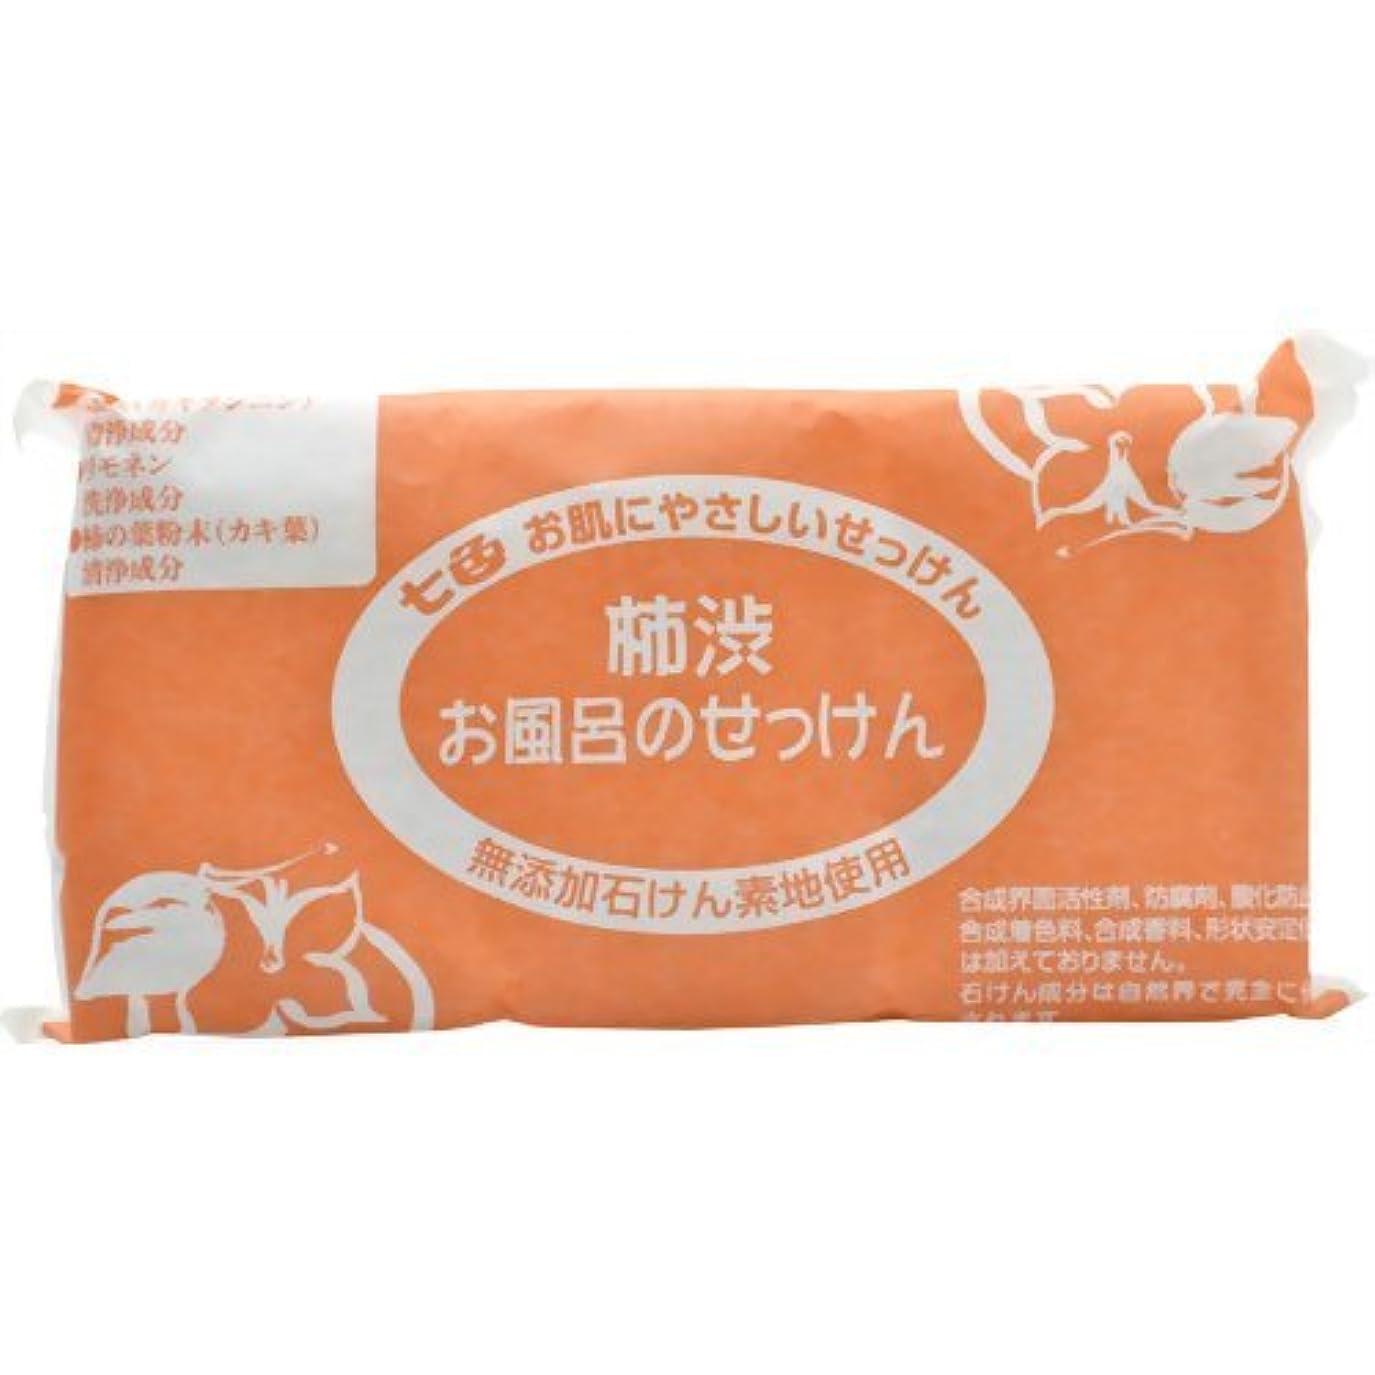 パキスタン人キッチン走る七色 お風呂のせっけん 柿渋(無添加石鹸) 100g×3個入